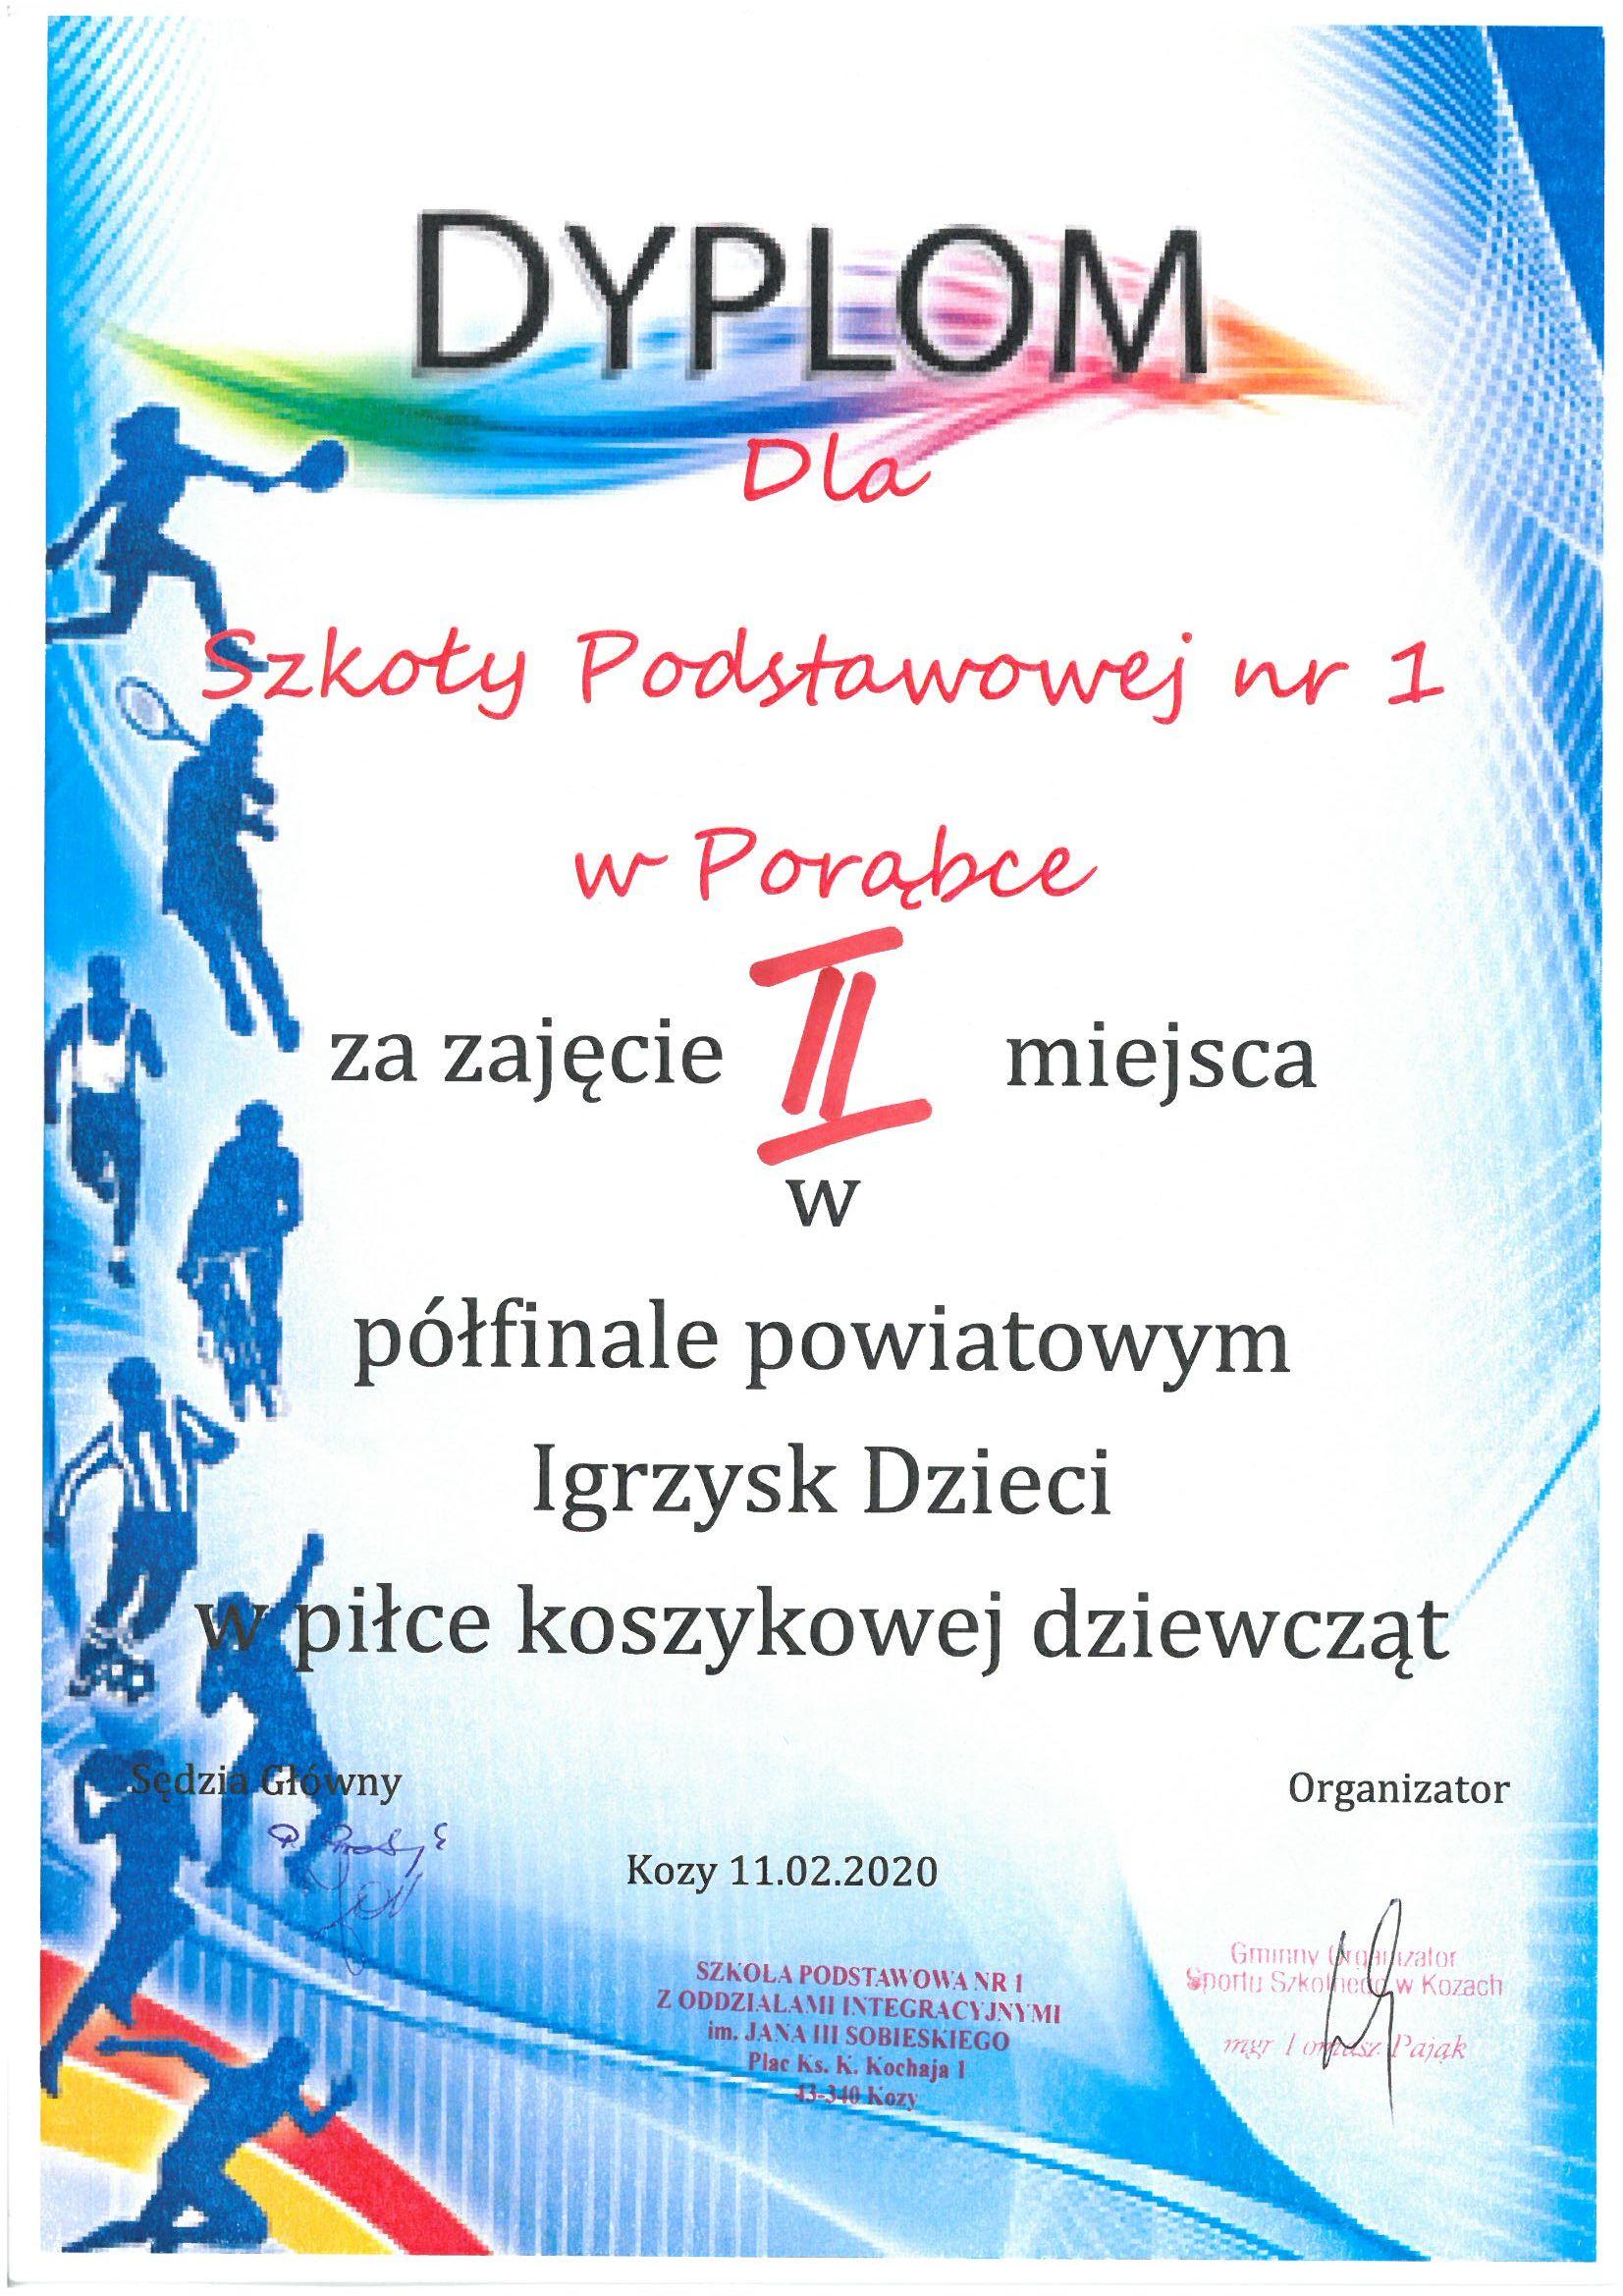 images/Galeria/kosz20dopowiatu/dypldz2